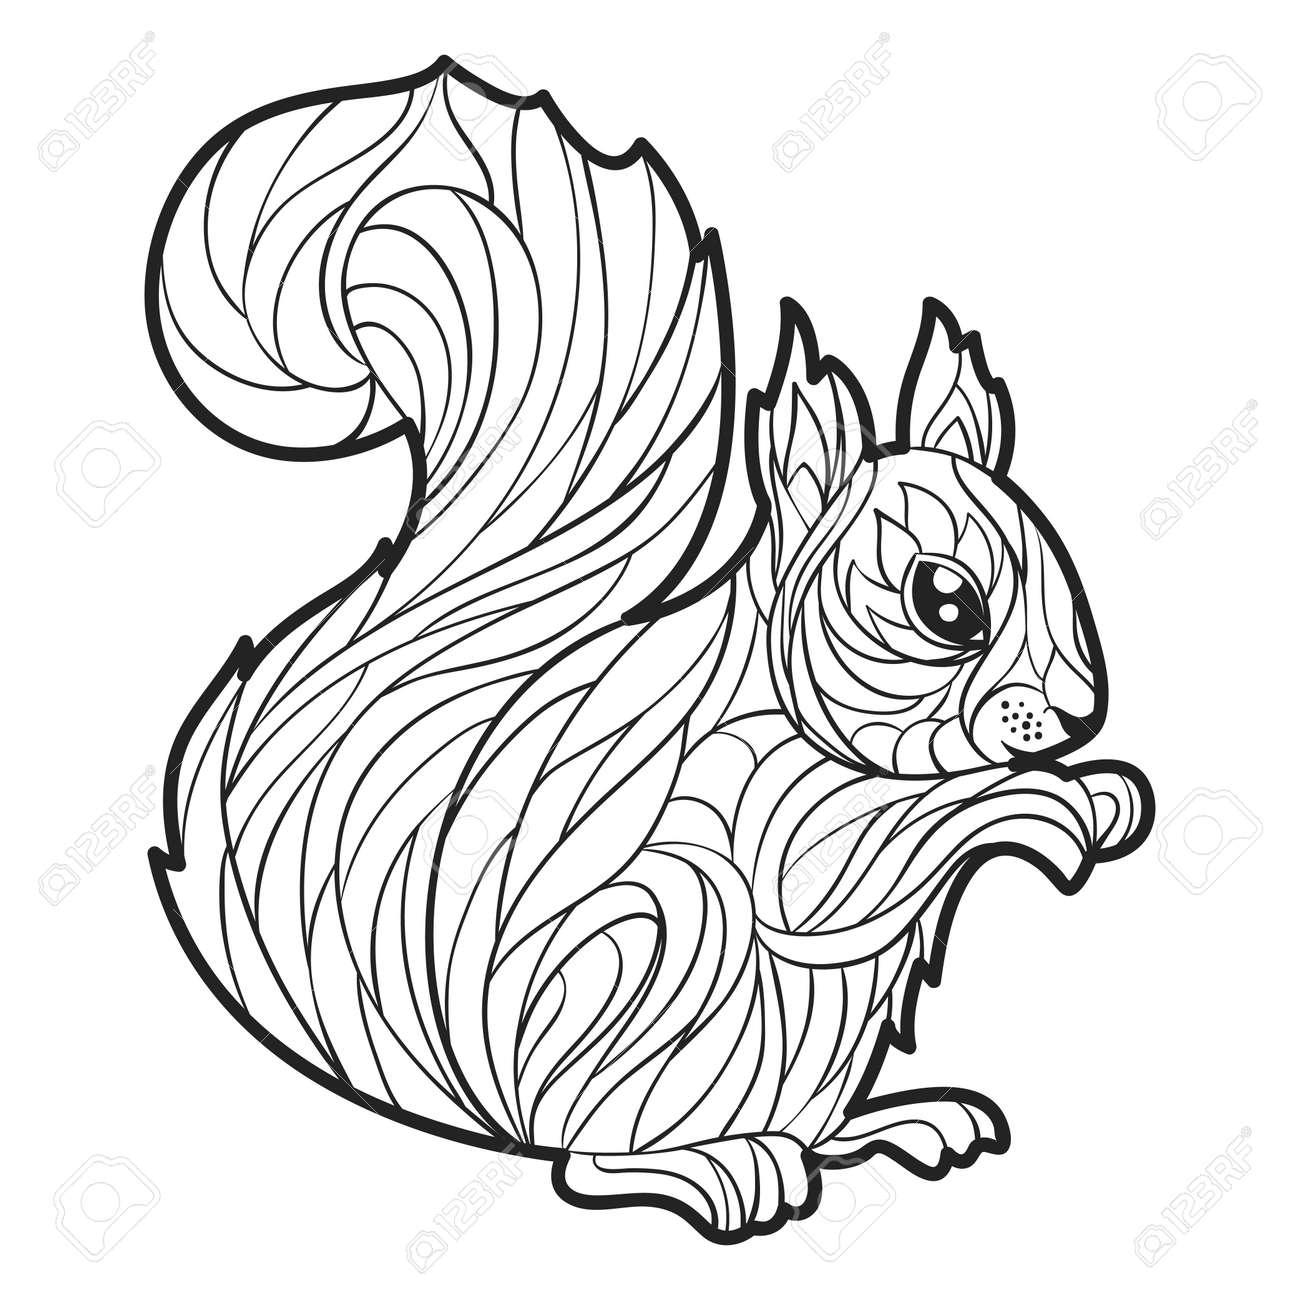 Erfreut Realistische Eichhörnchen Malvorlagen Ideen - Malvorlagen ...